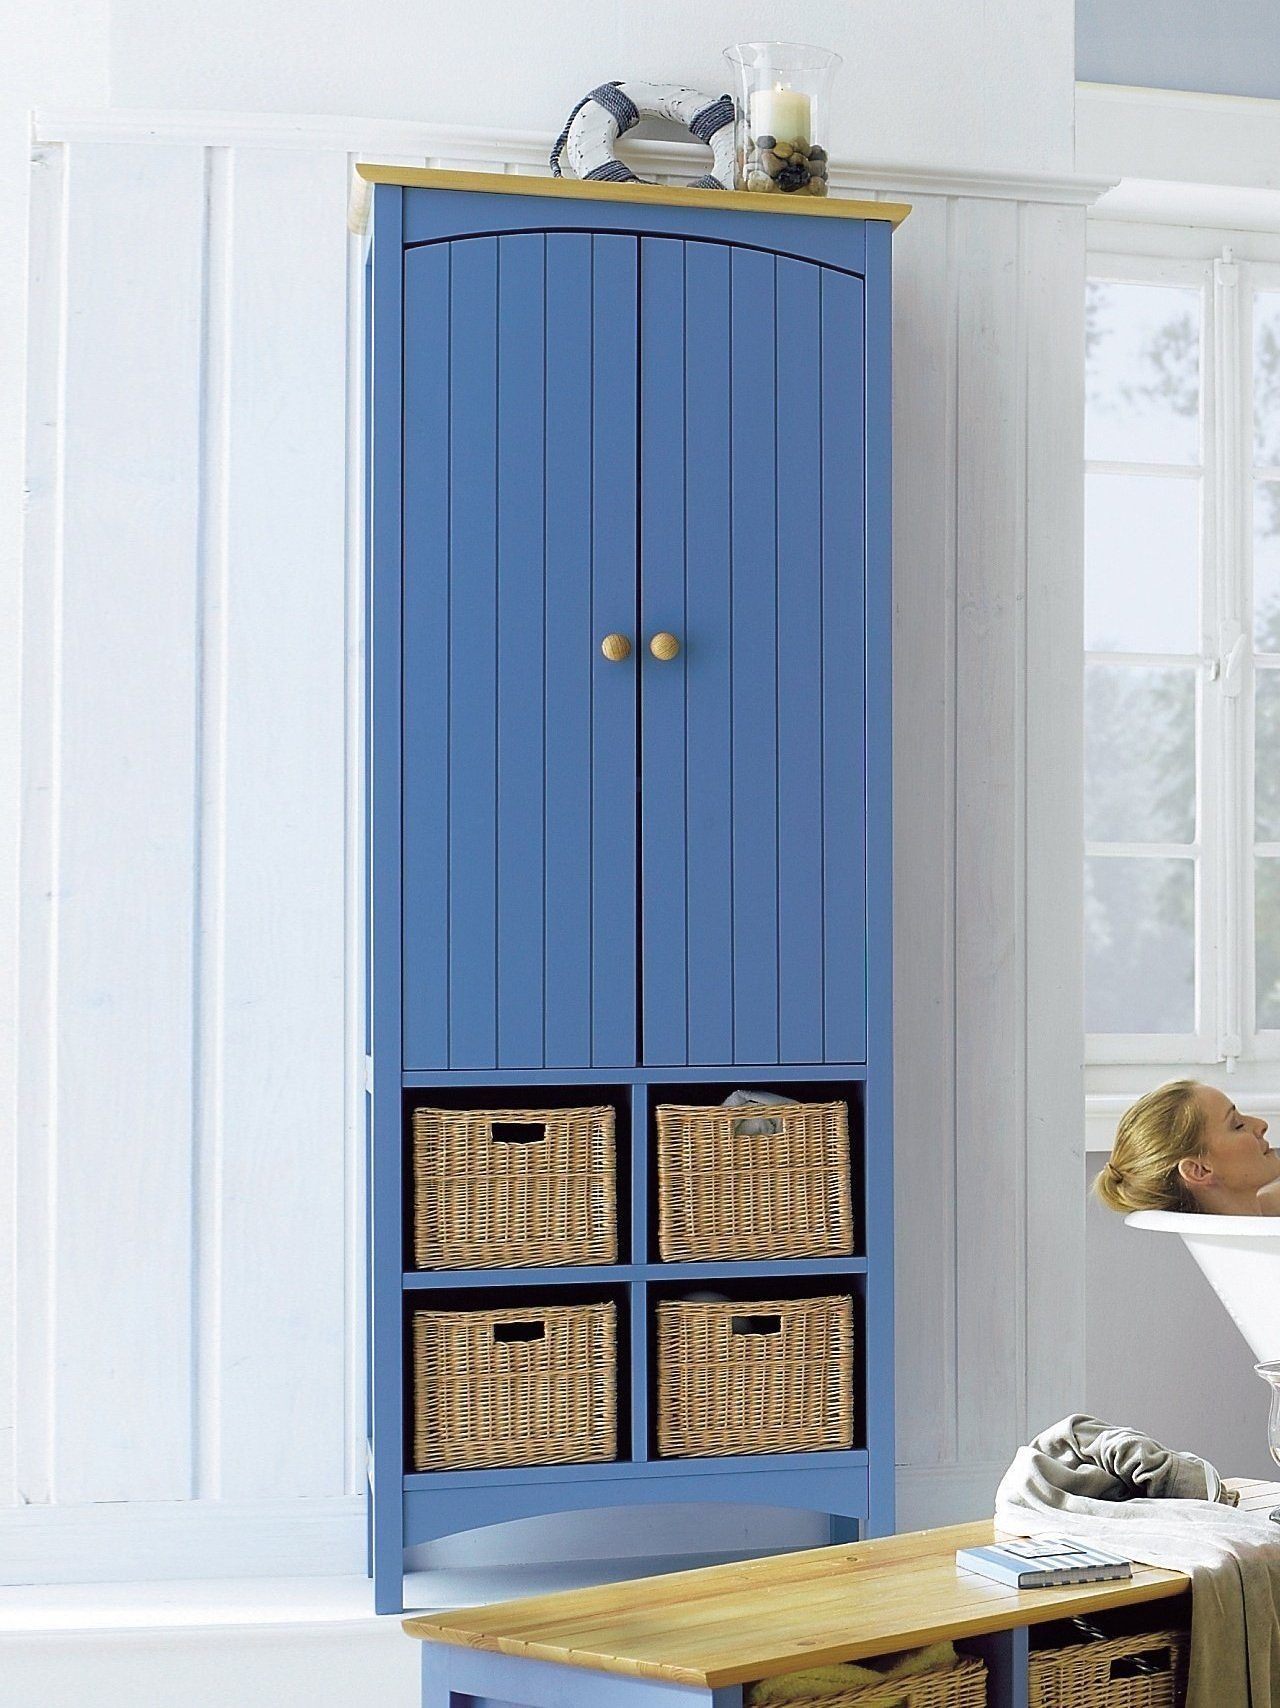 Hochschrank blau, 2 Türen, 4 offene Fächer, heine home